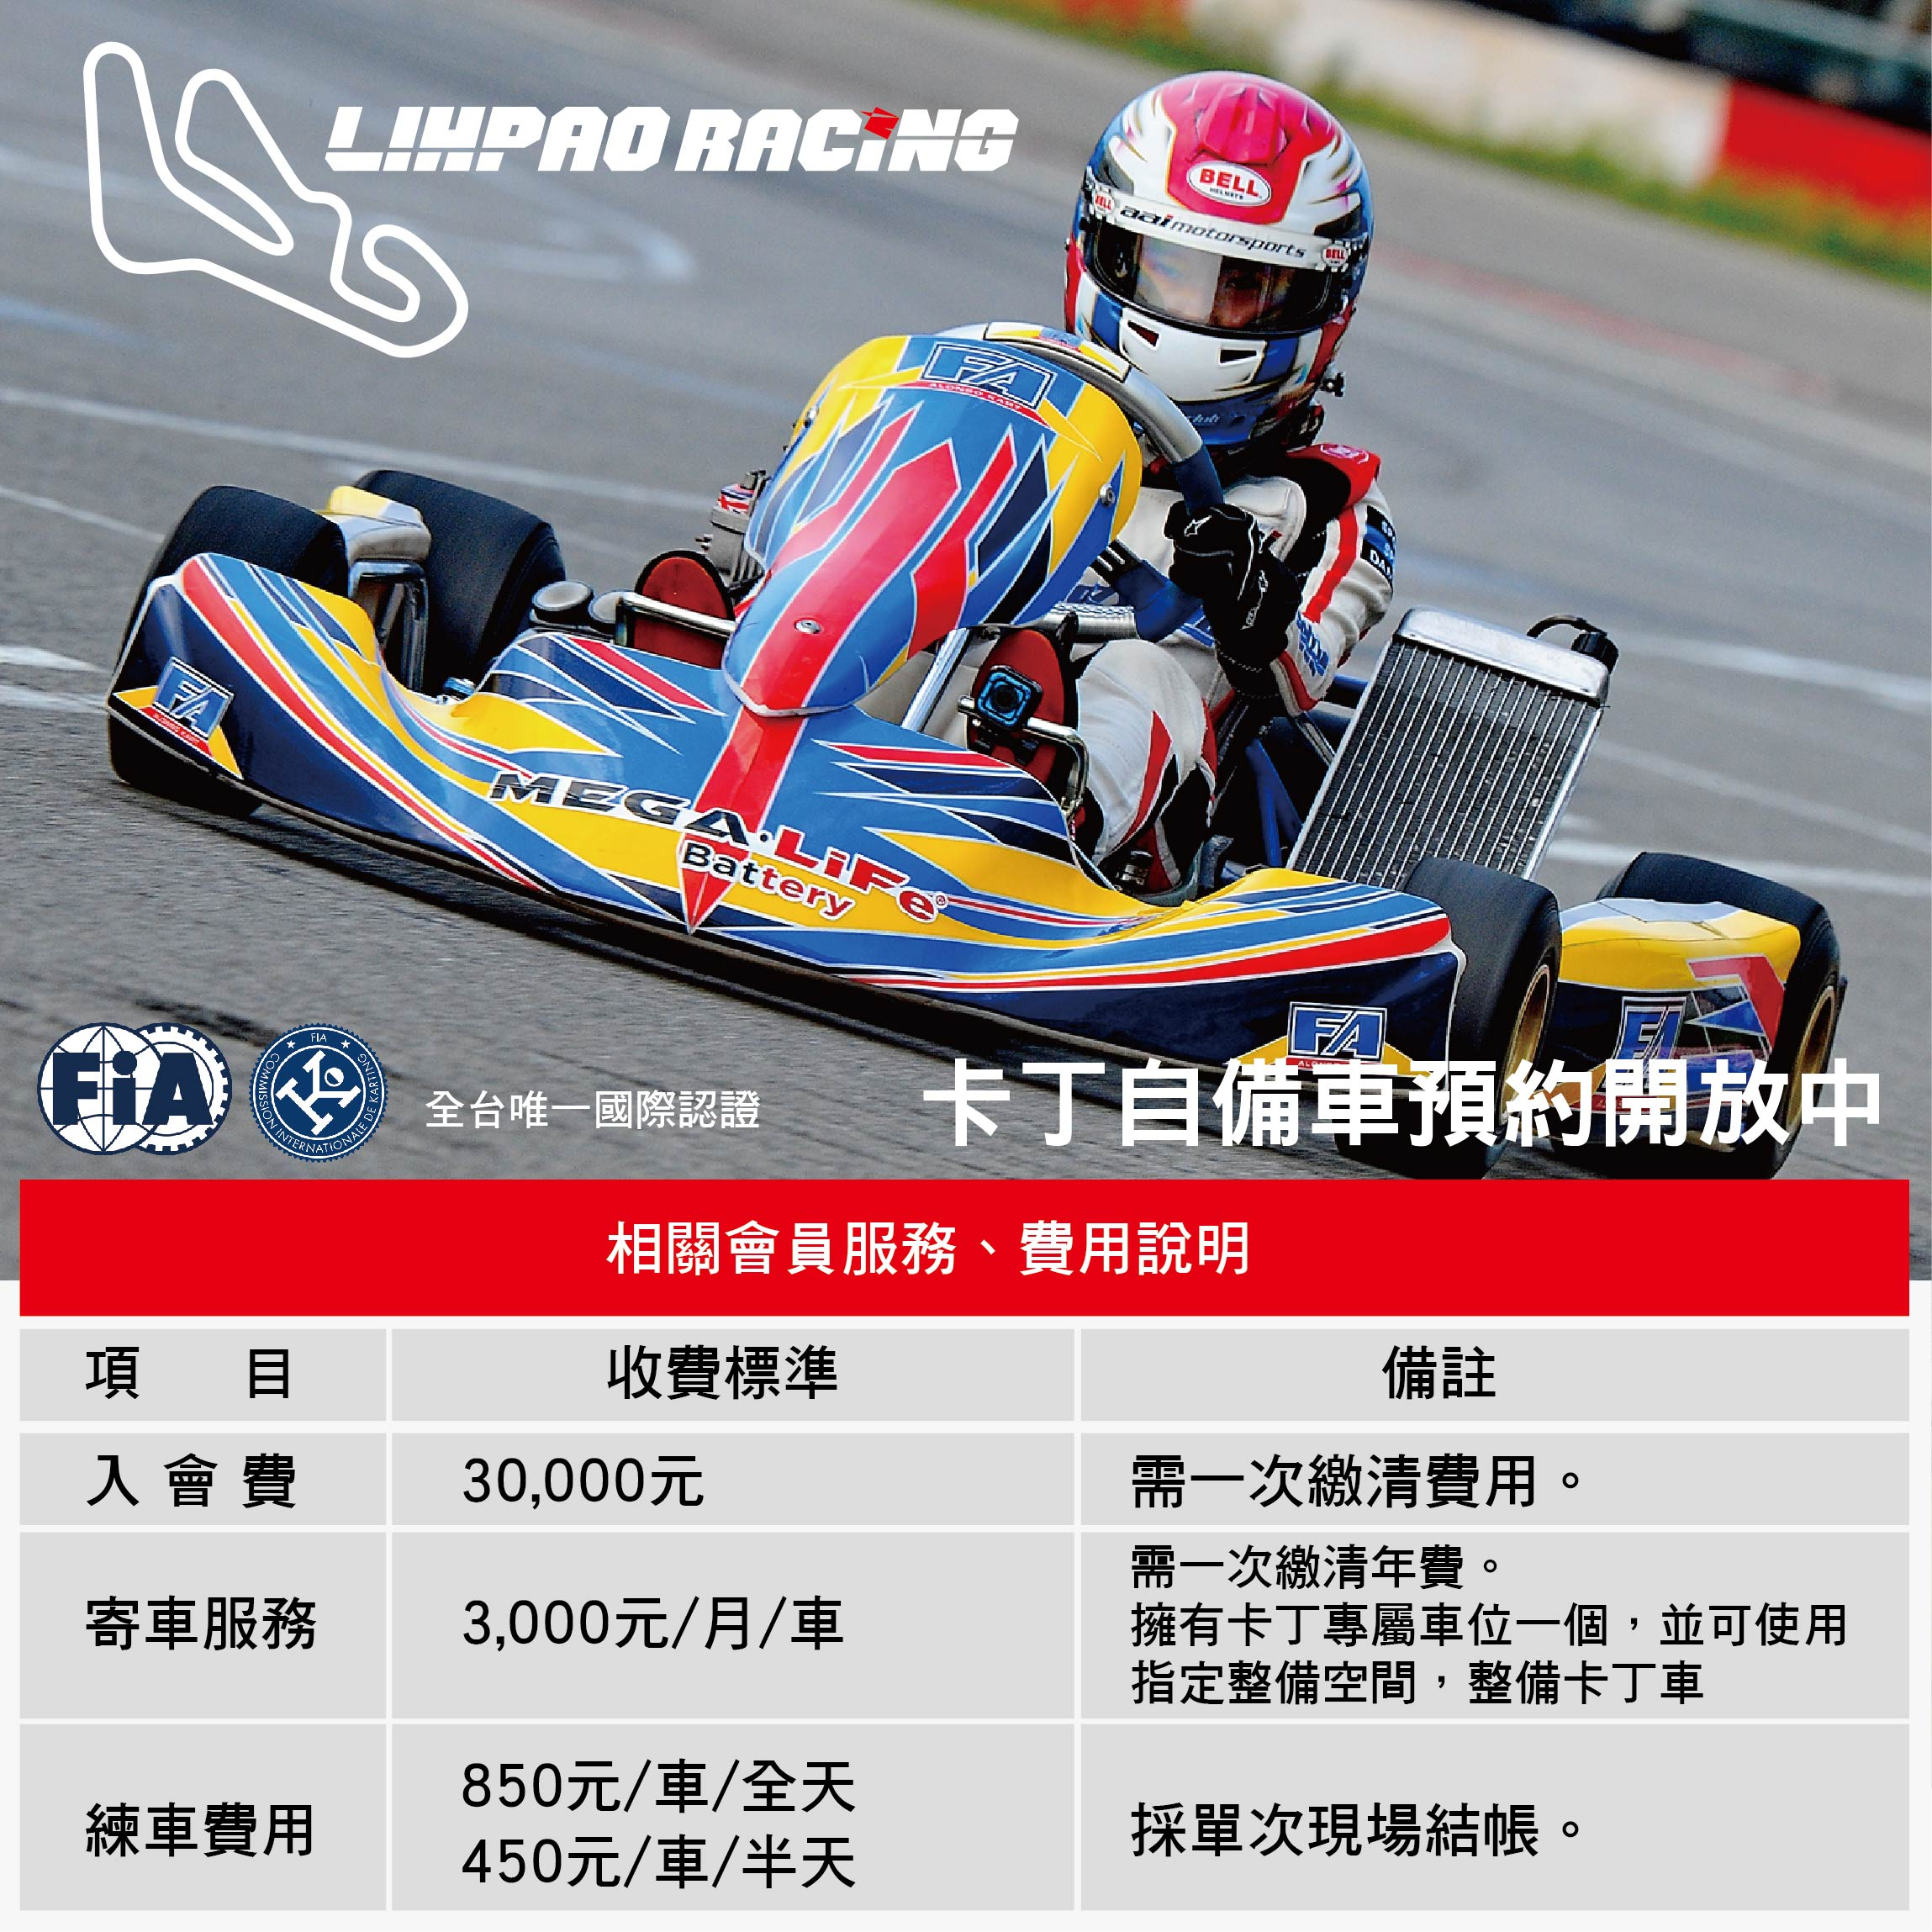 自備車會員價格-02.jpg